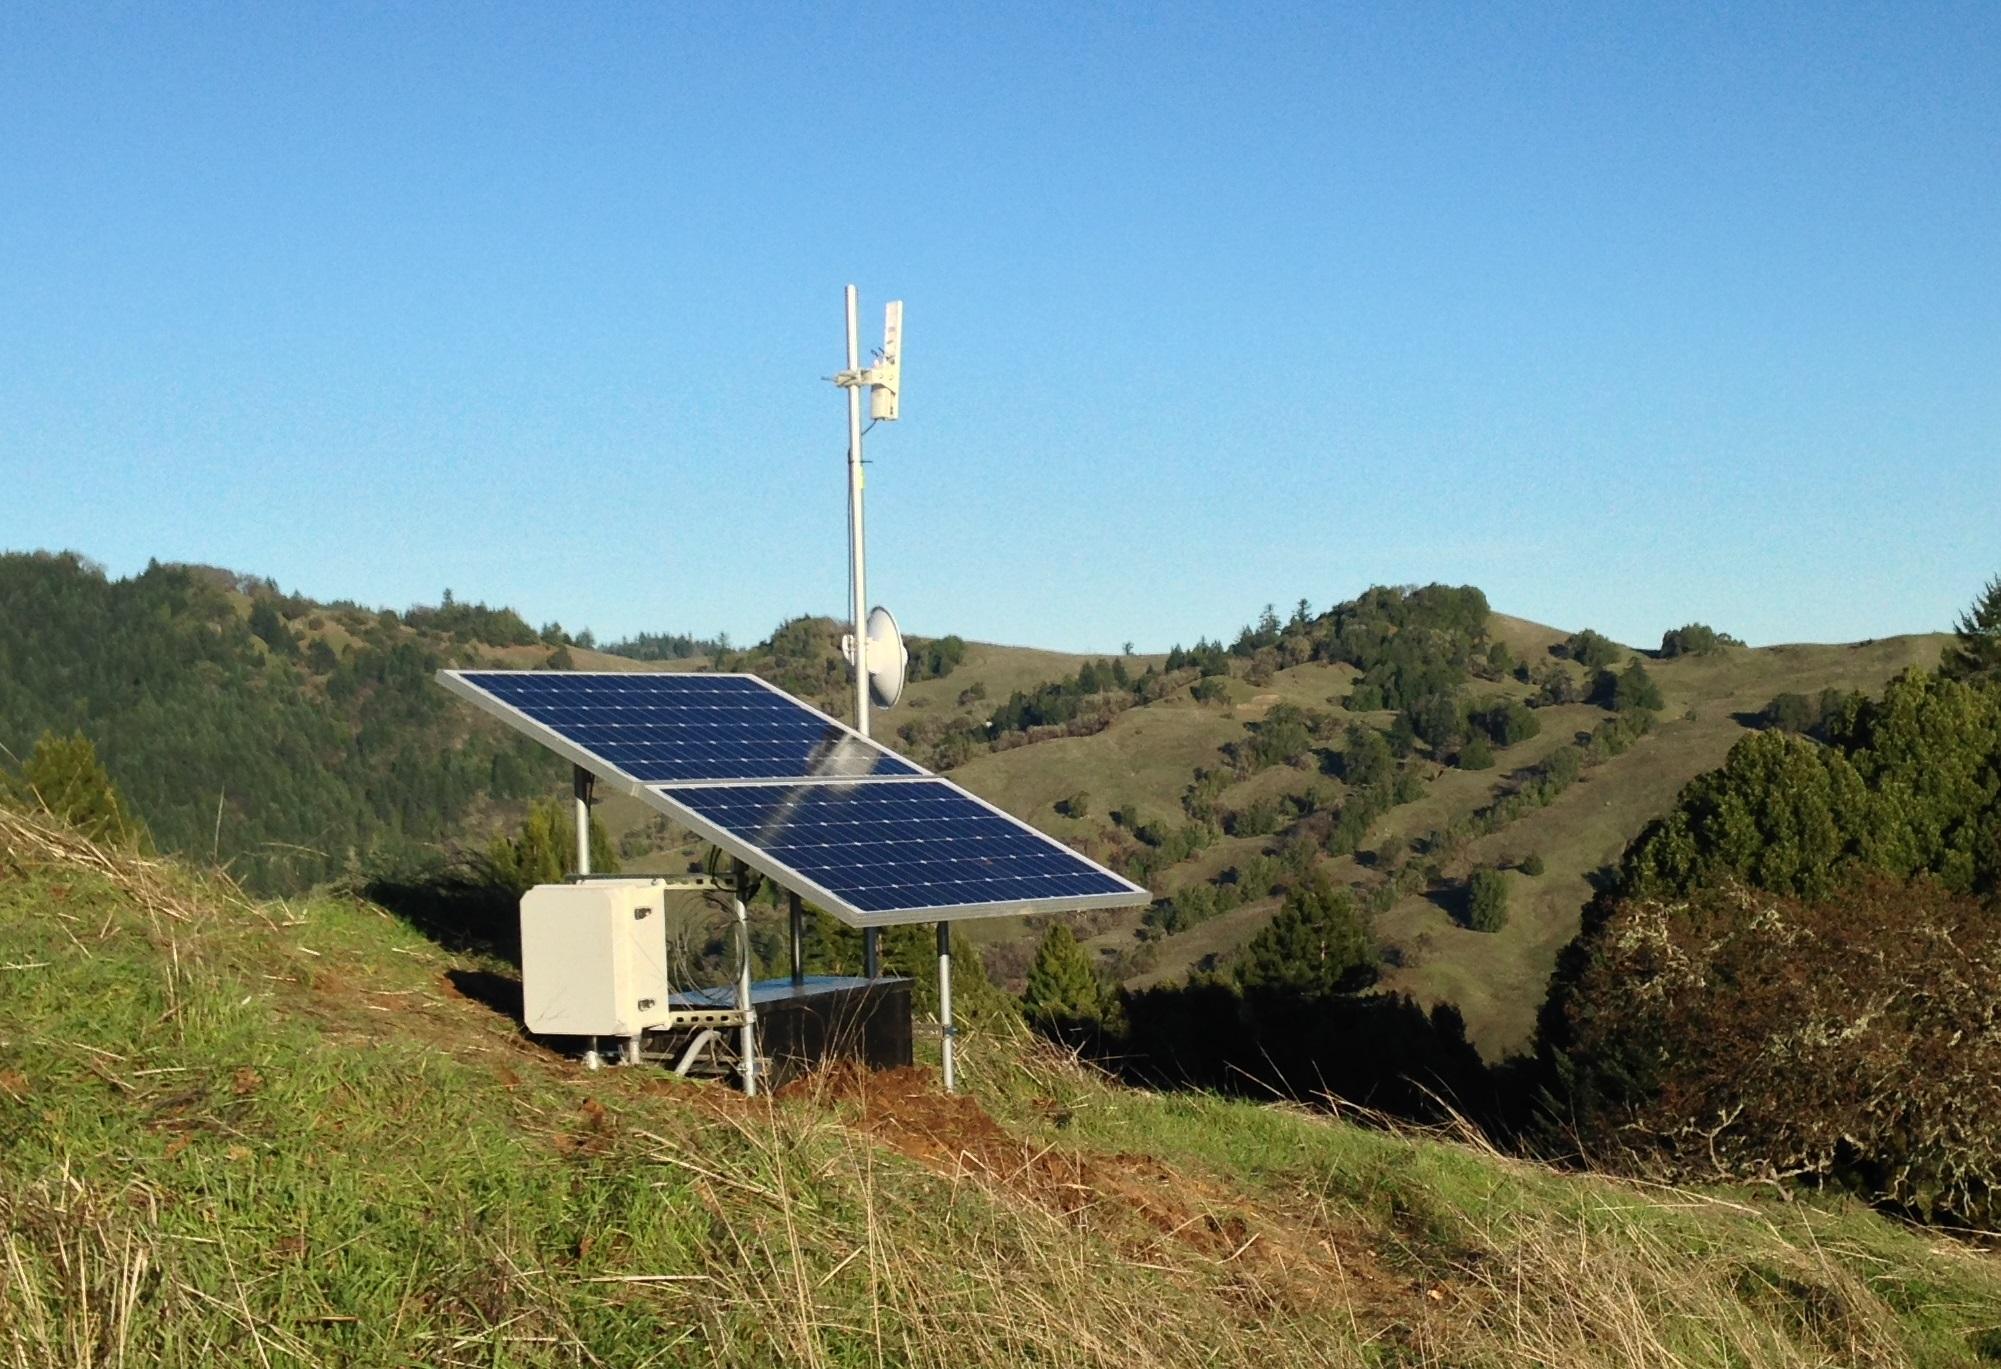 solarwifi on hill.jpg